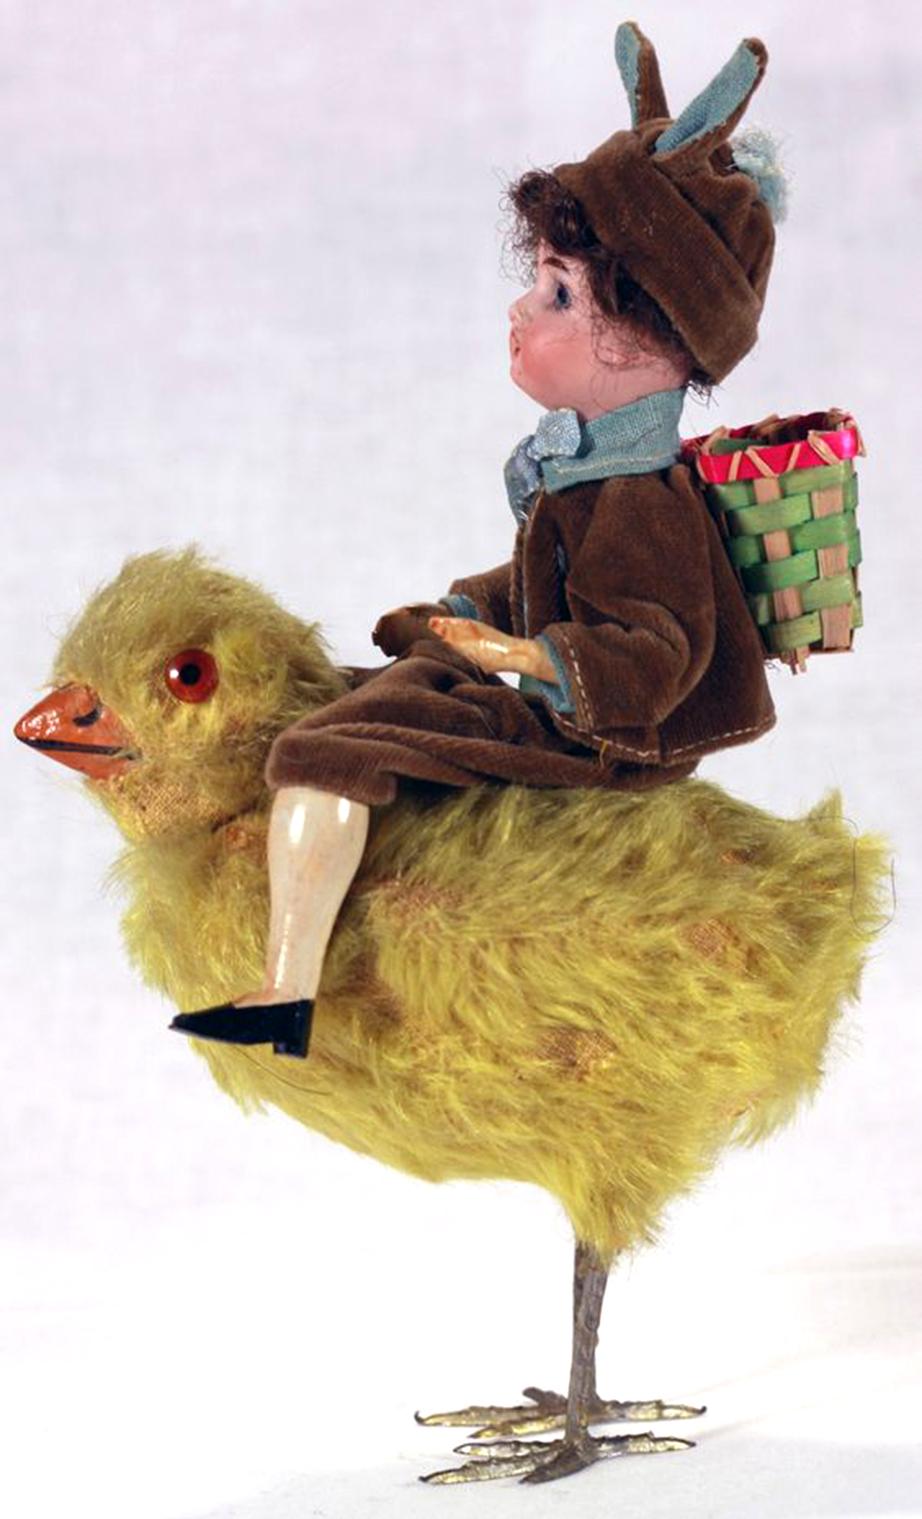 Ένα πασχαλινό διακοσμητικό με το τρομακτικό κοτοπουλάκι και τον αναβάτη του.